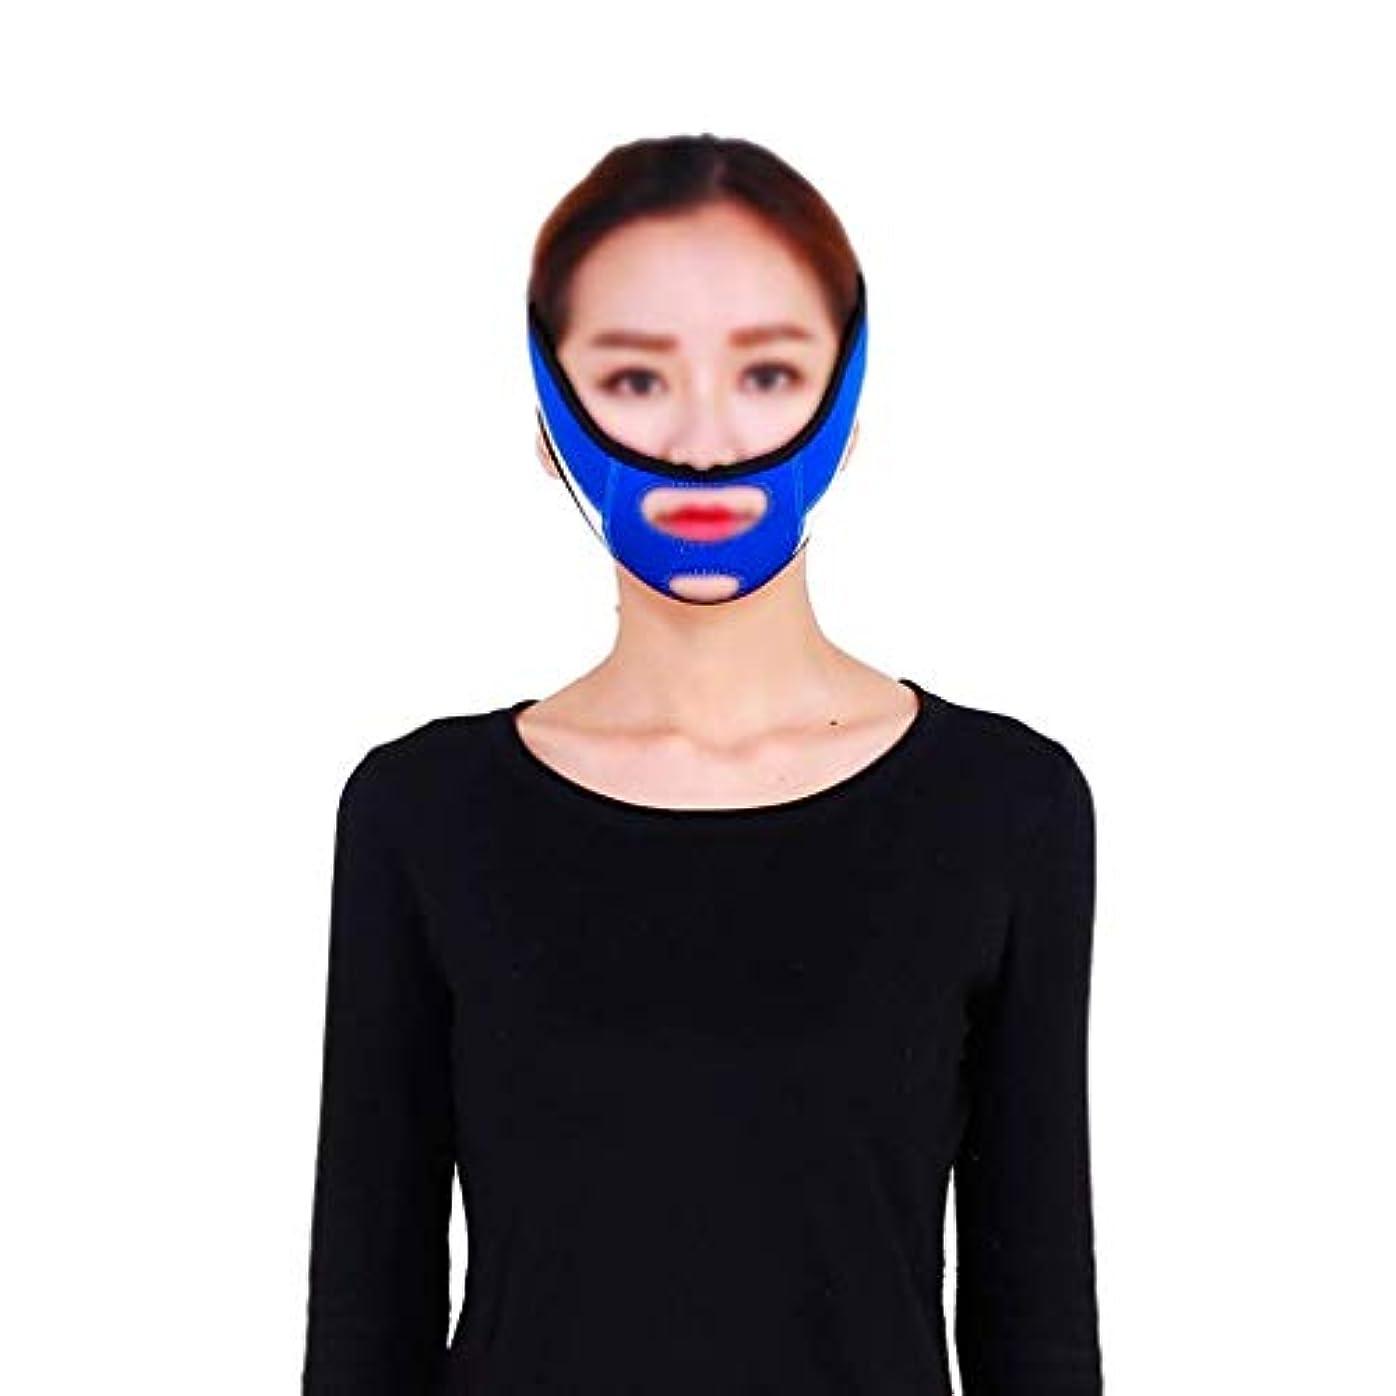 色スキルに渡ってファーミングフェイスマスク、スモールVフェイスアーティファクトリフティングマスク、口を調整して垂れ下がった肌を縮小滑り止め弾性ストレッチ包帯